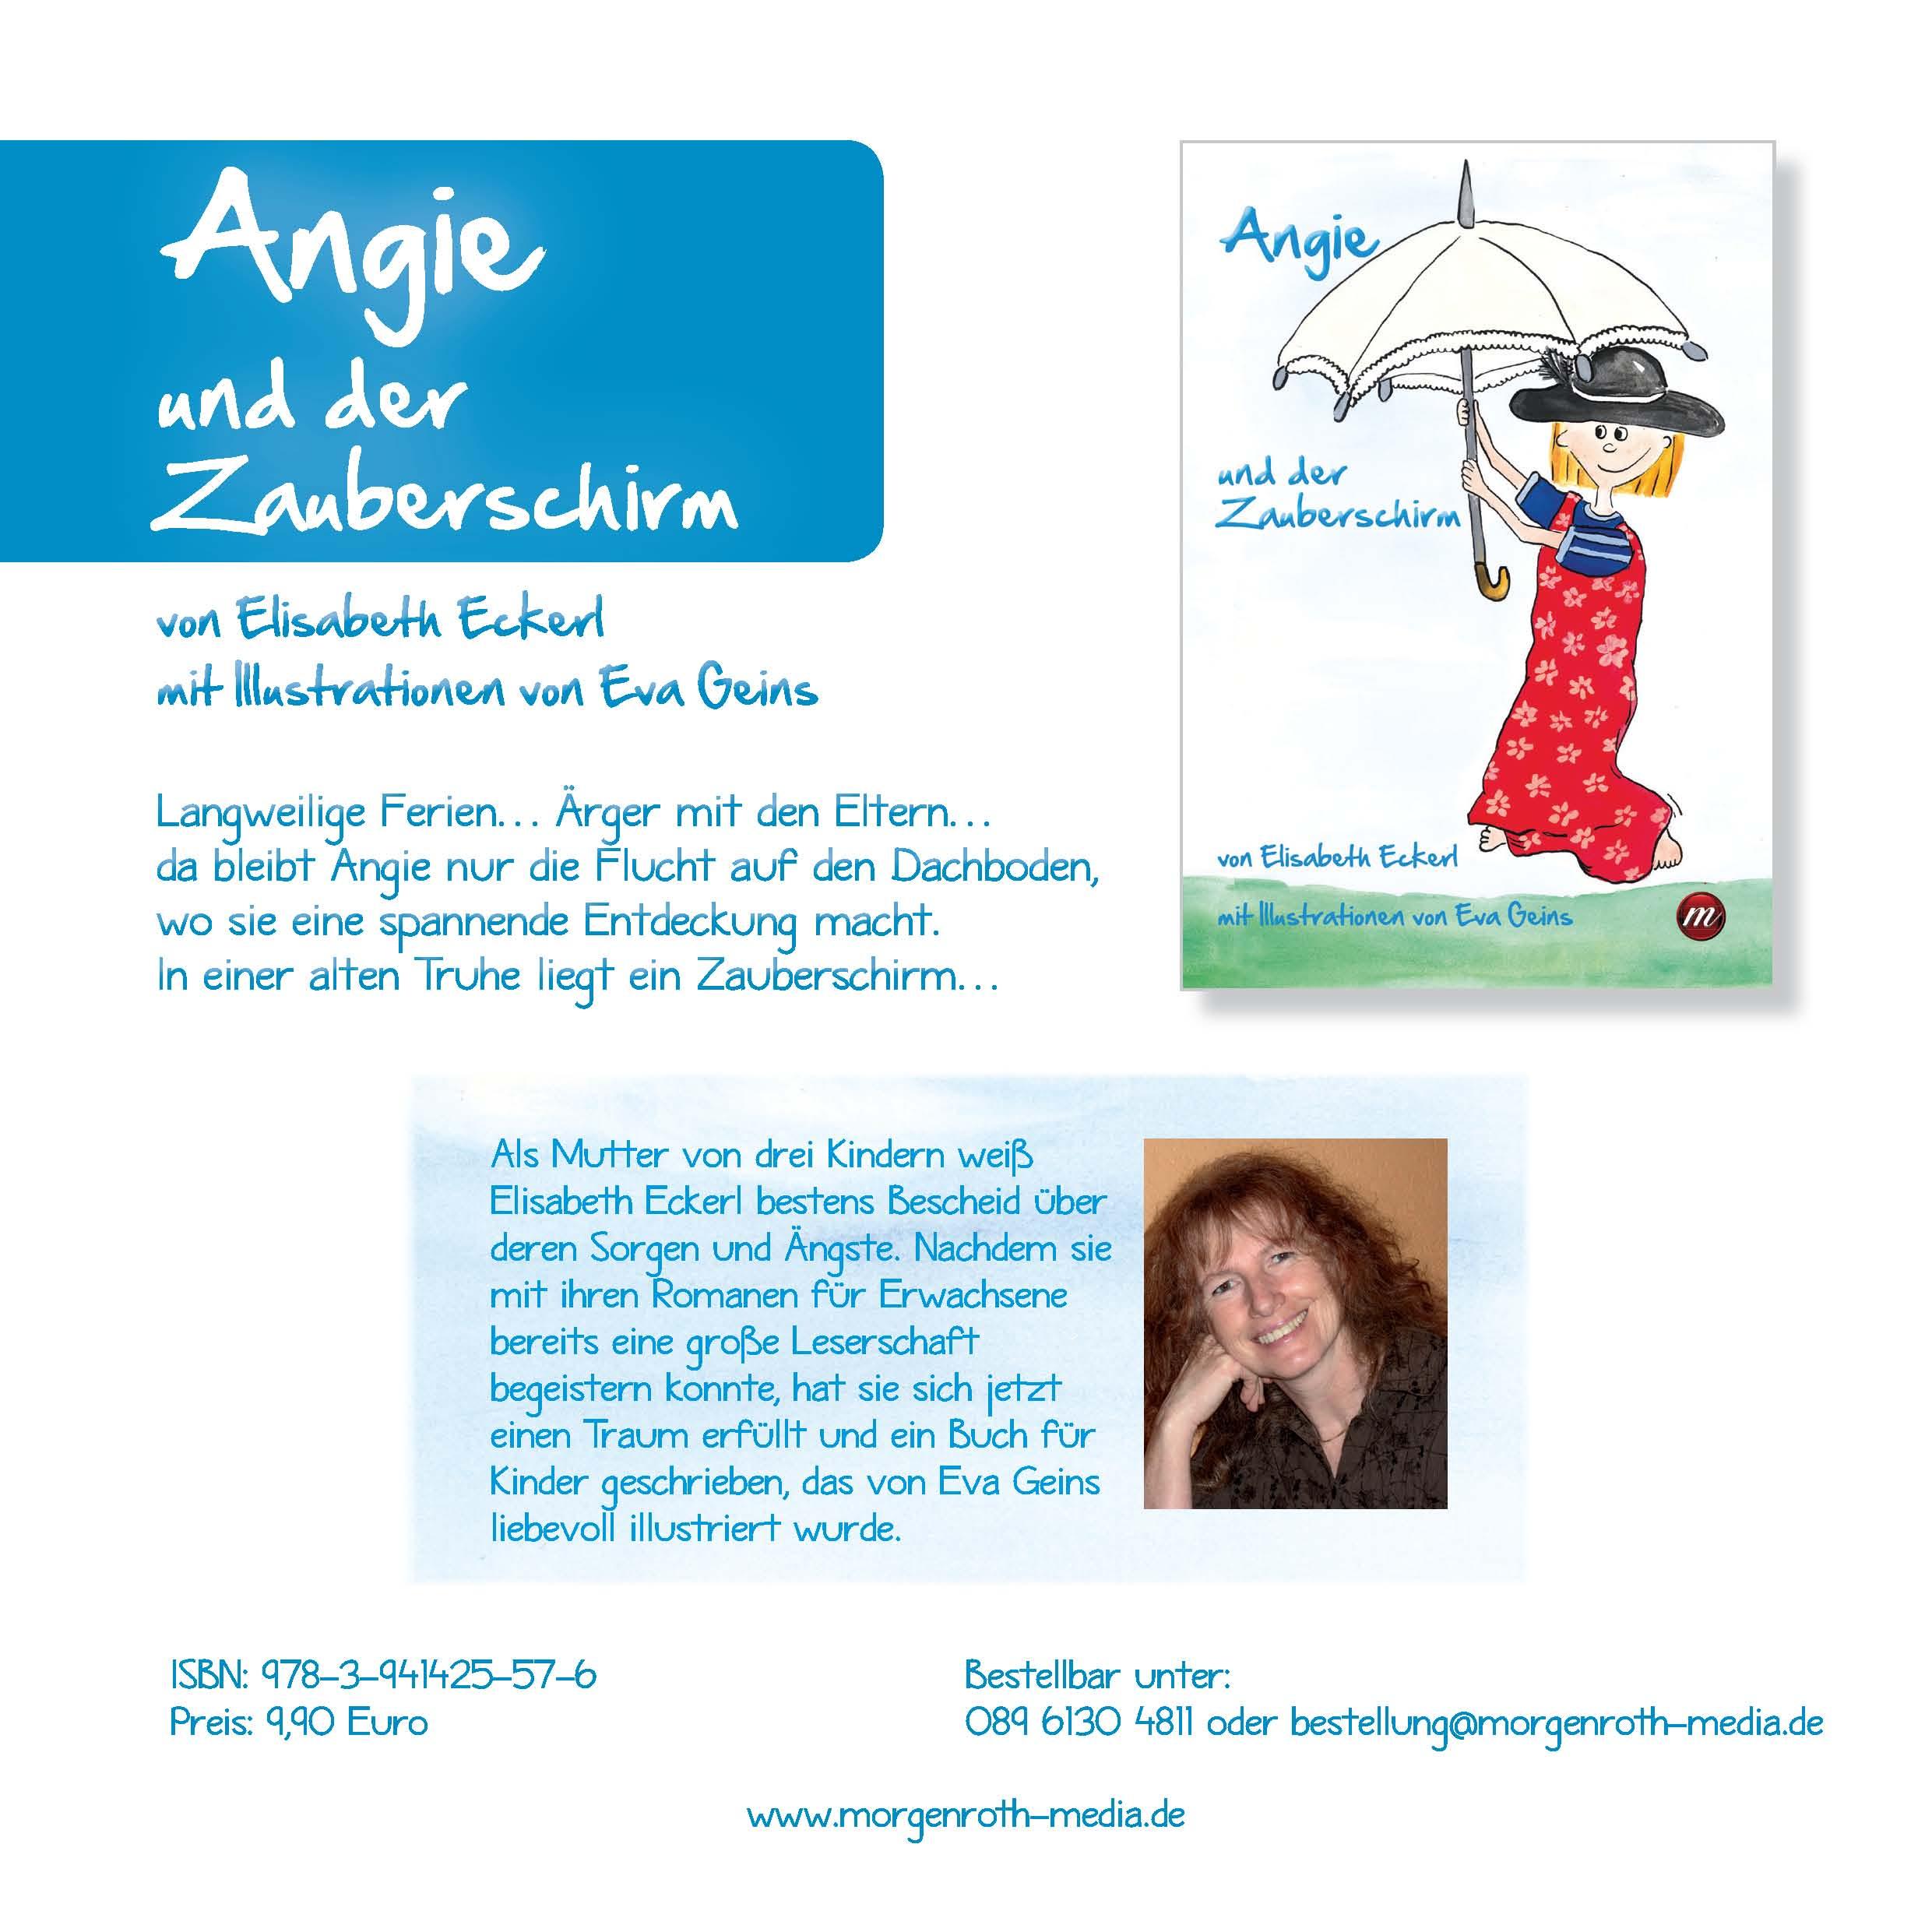 Elisabeth Eckerl Angie und der Zauberschirm